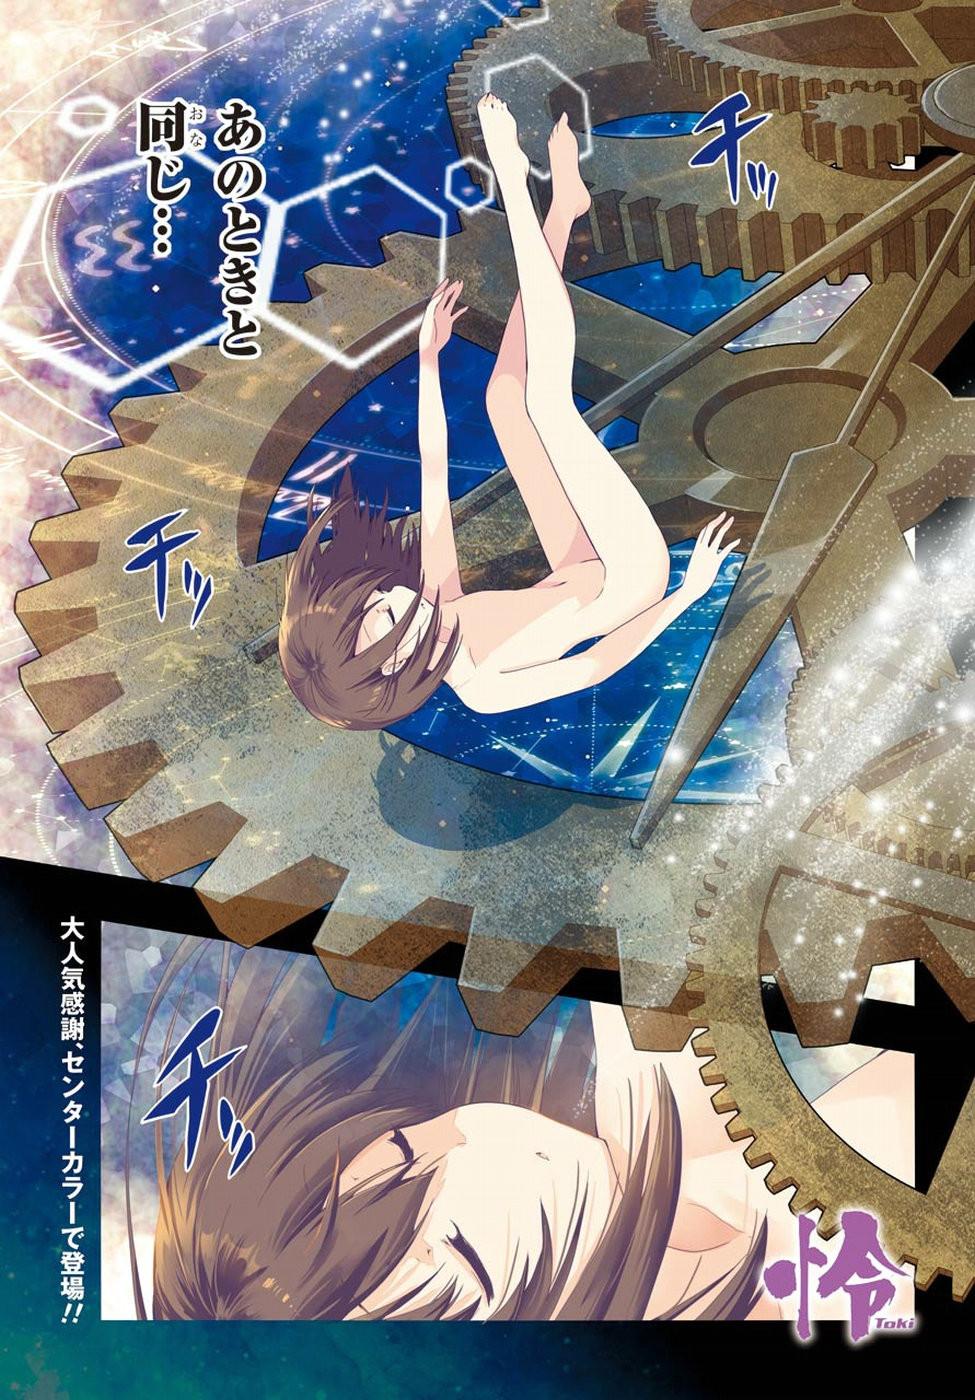 Toki-Kobayashi-Ritz Chapter 013 Page 1